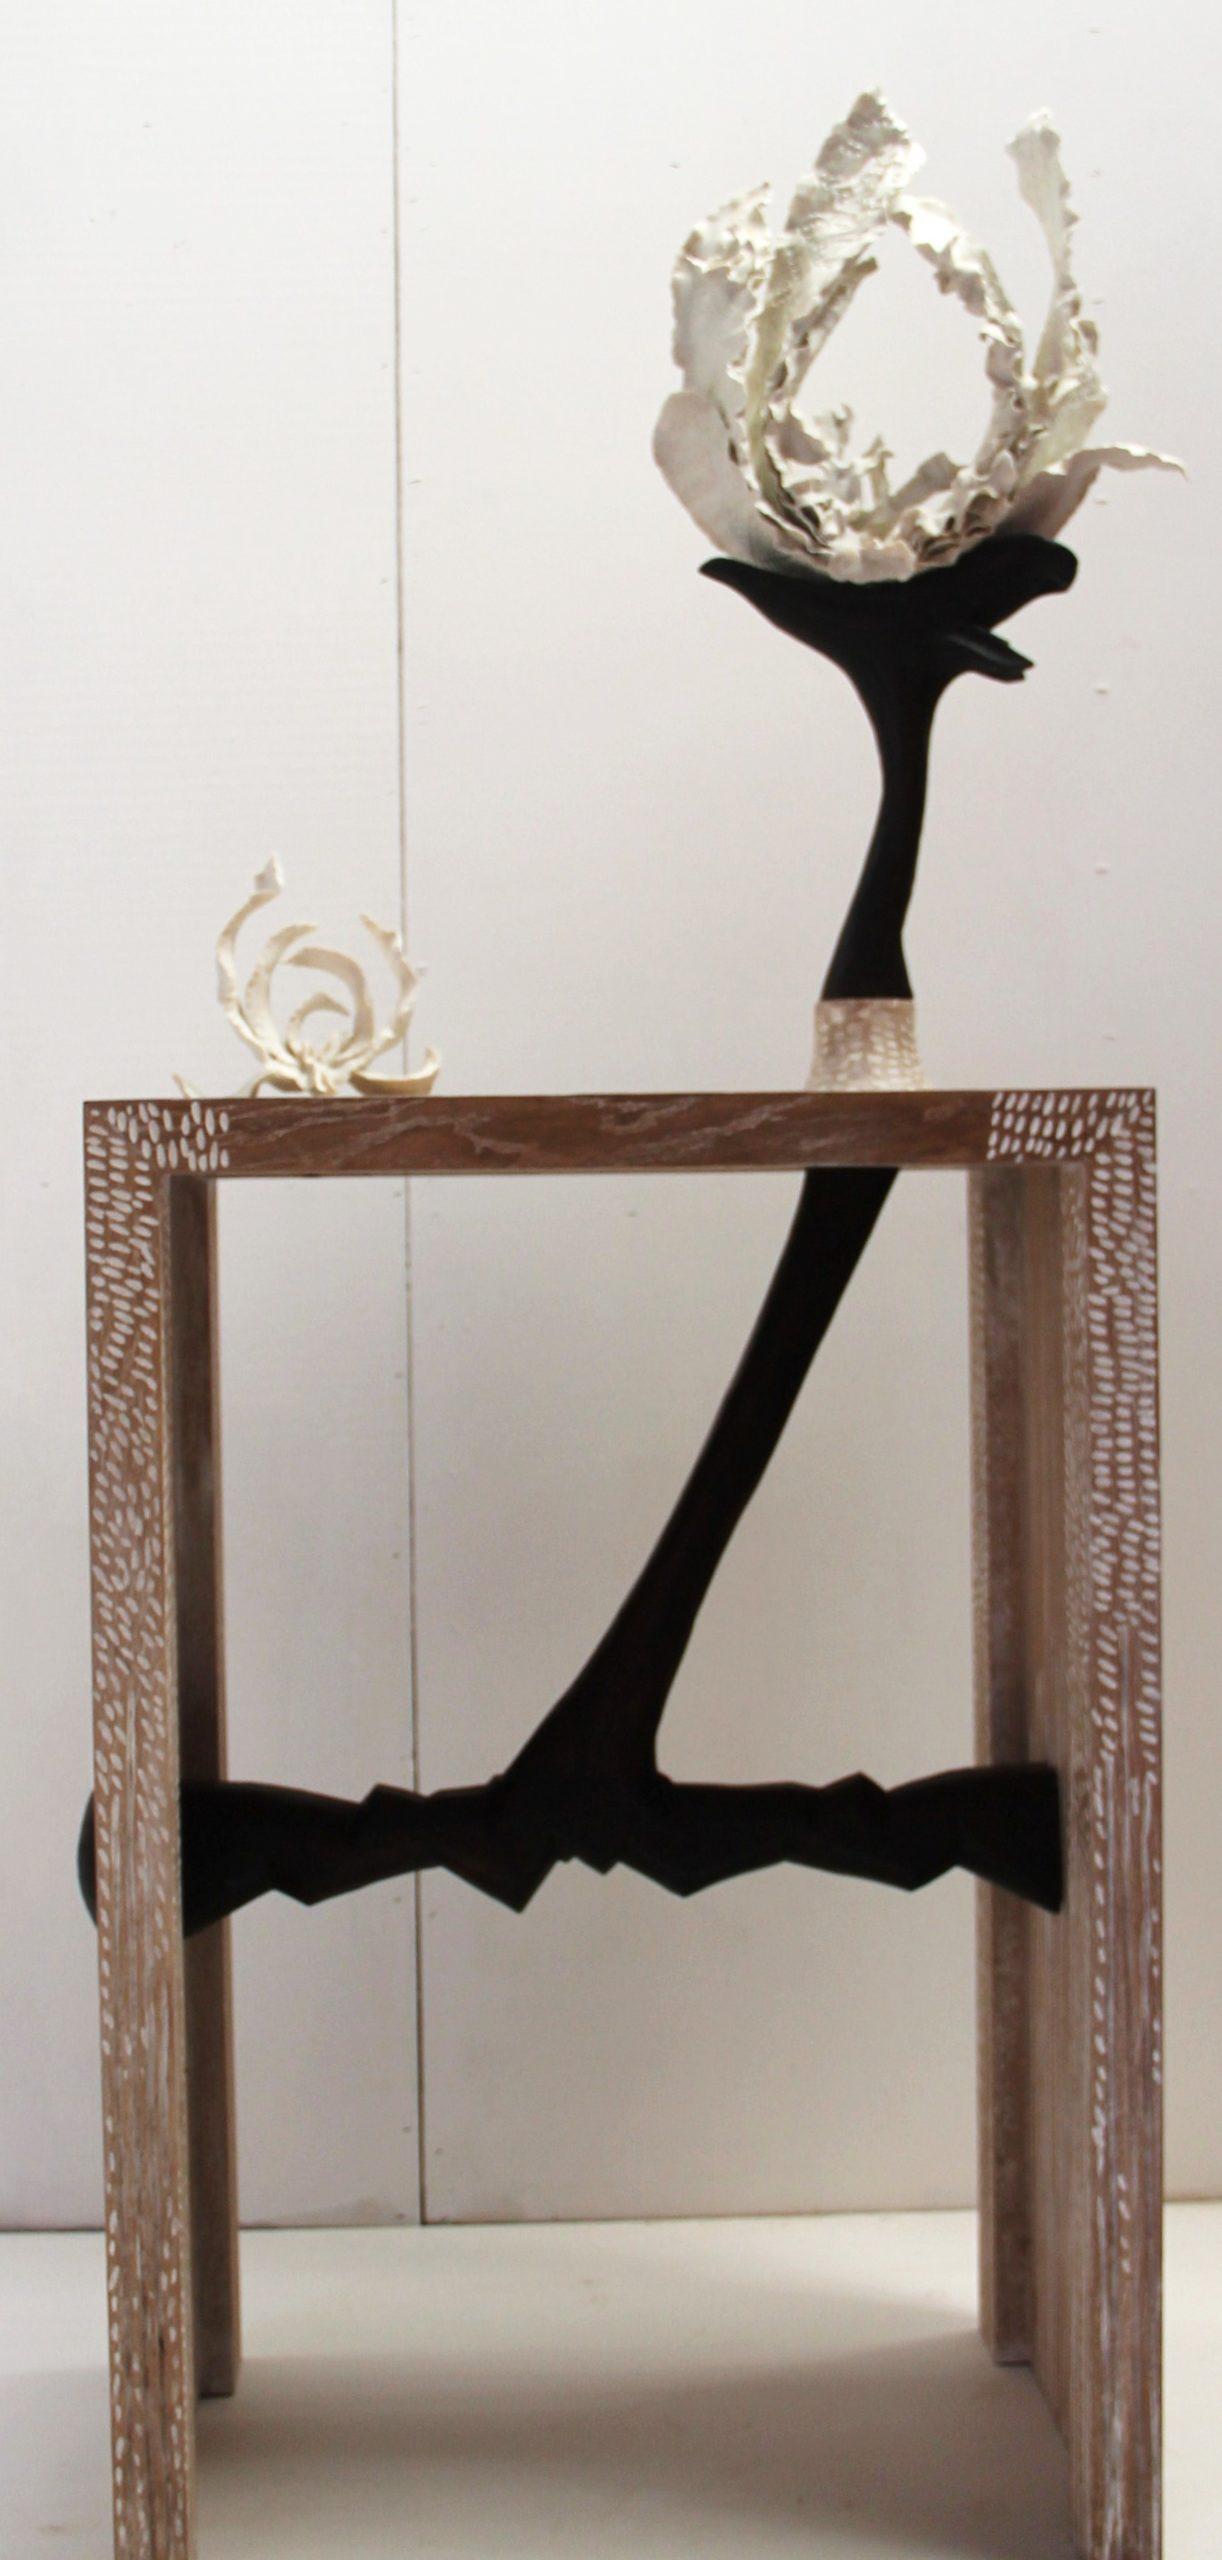 Effloraison, en collaboration avec Alice Riehl